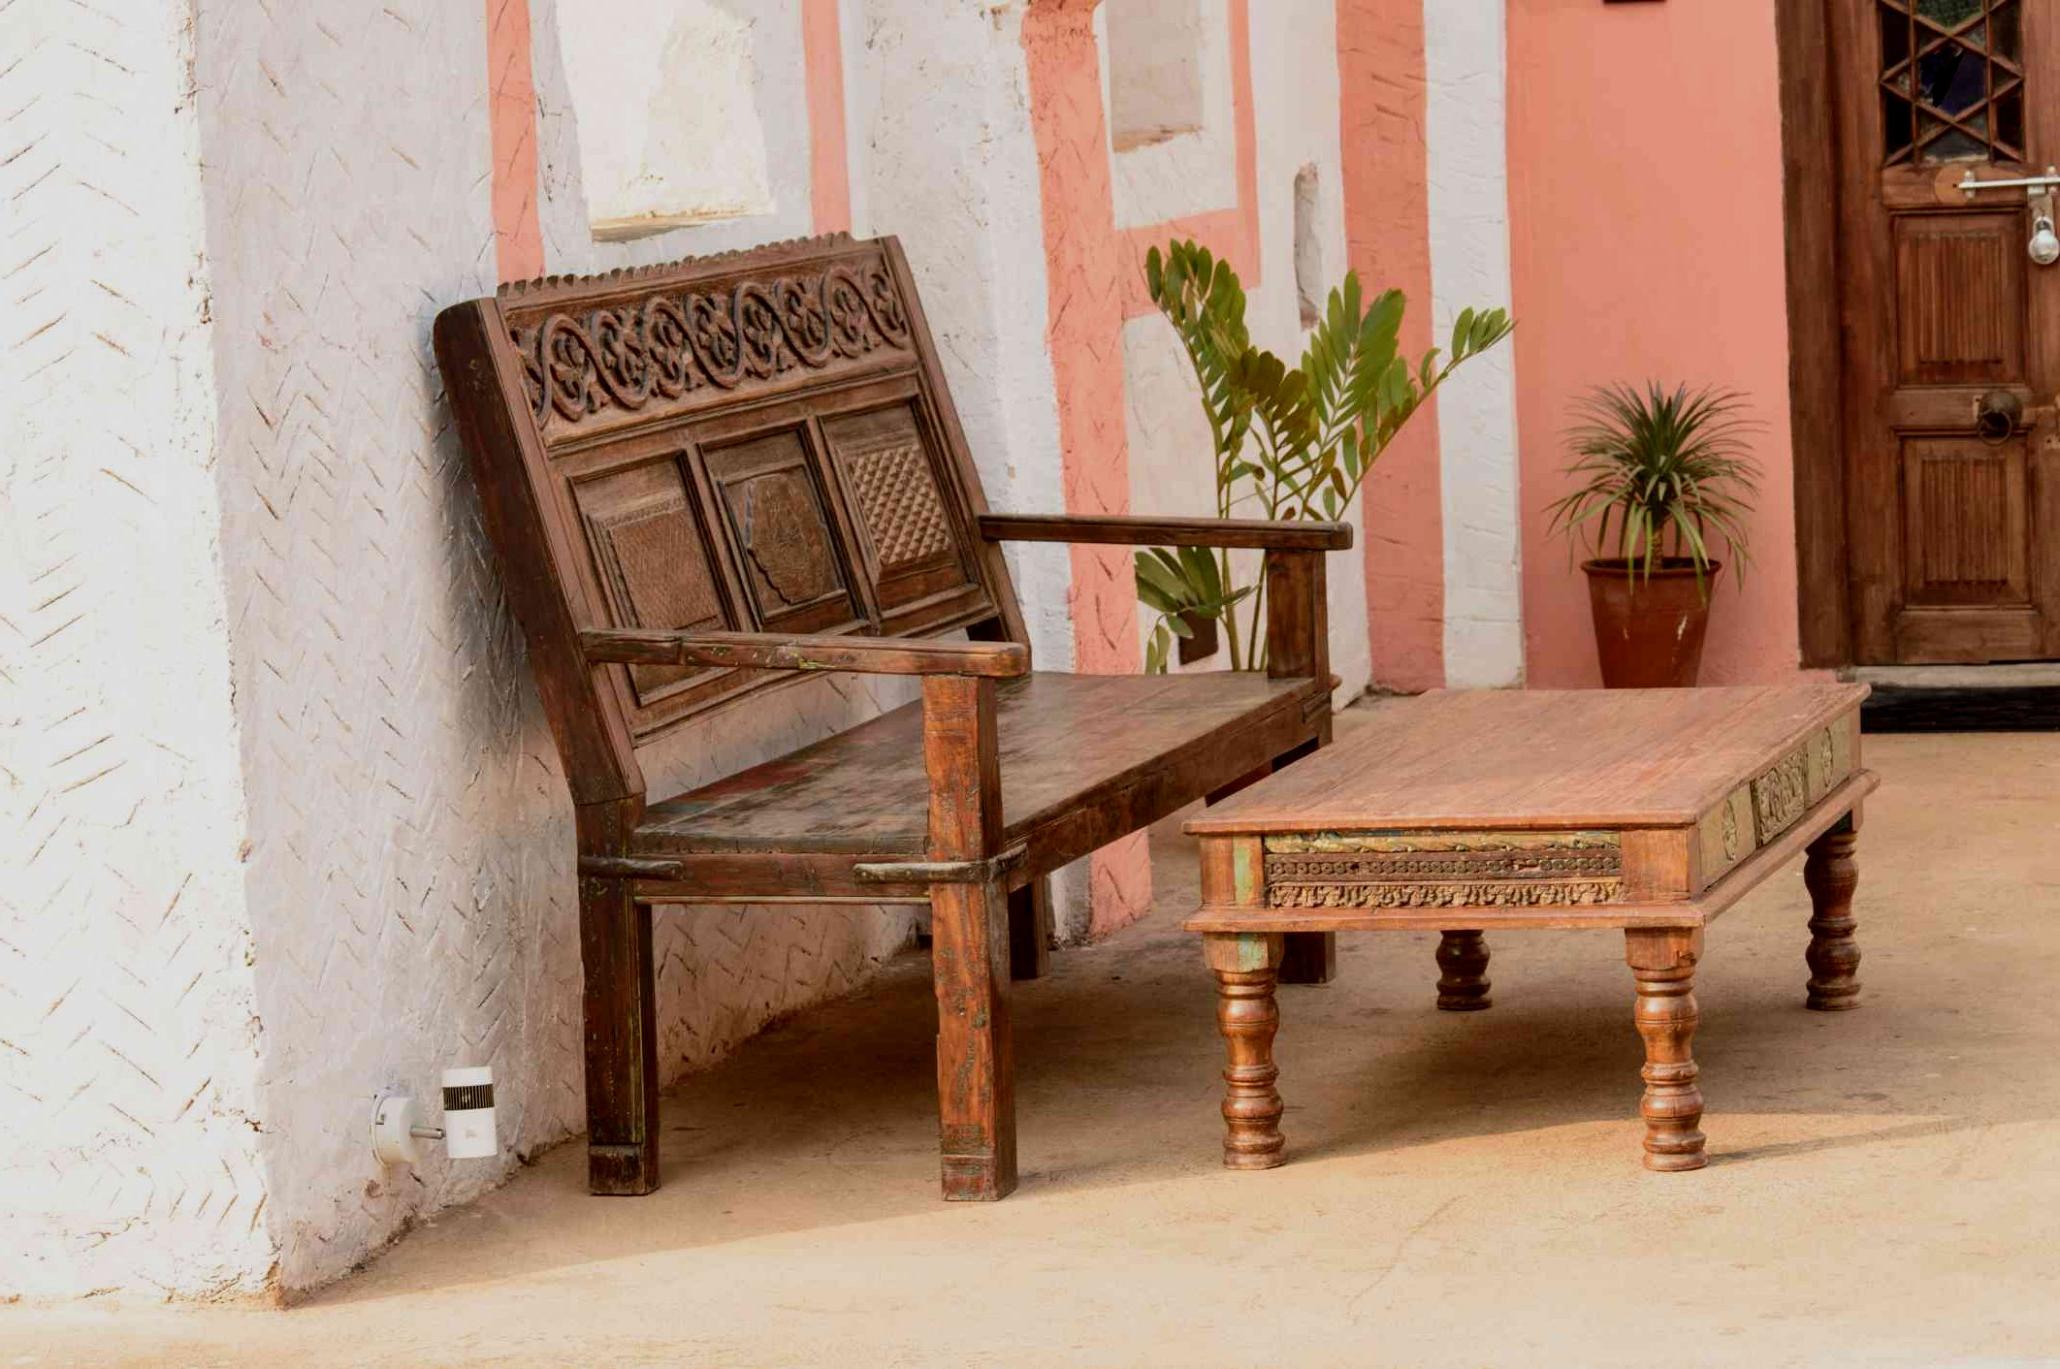 Compra Venta Muebles Usados Nkde Pra Venta Muebles Segunda Mano Valencia Bello 10 Consejos Para